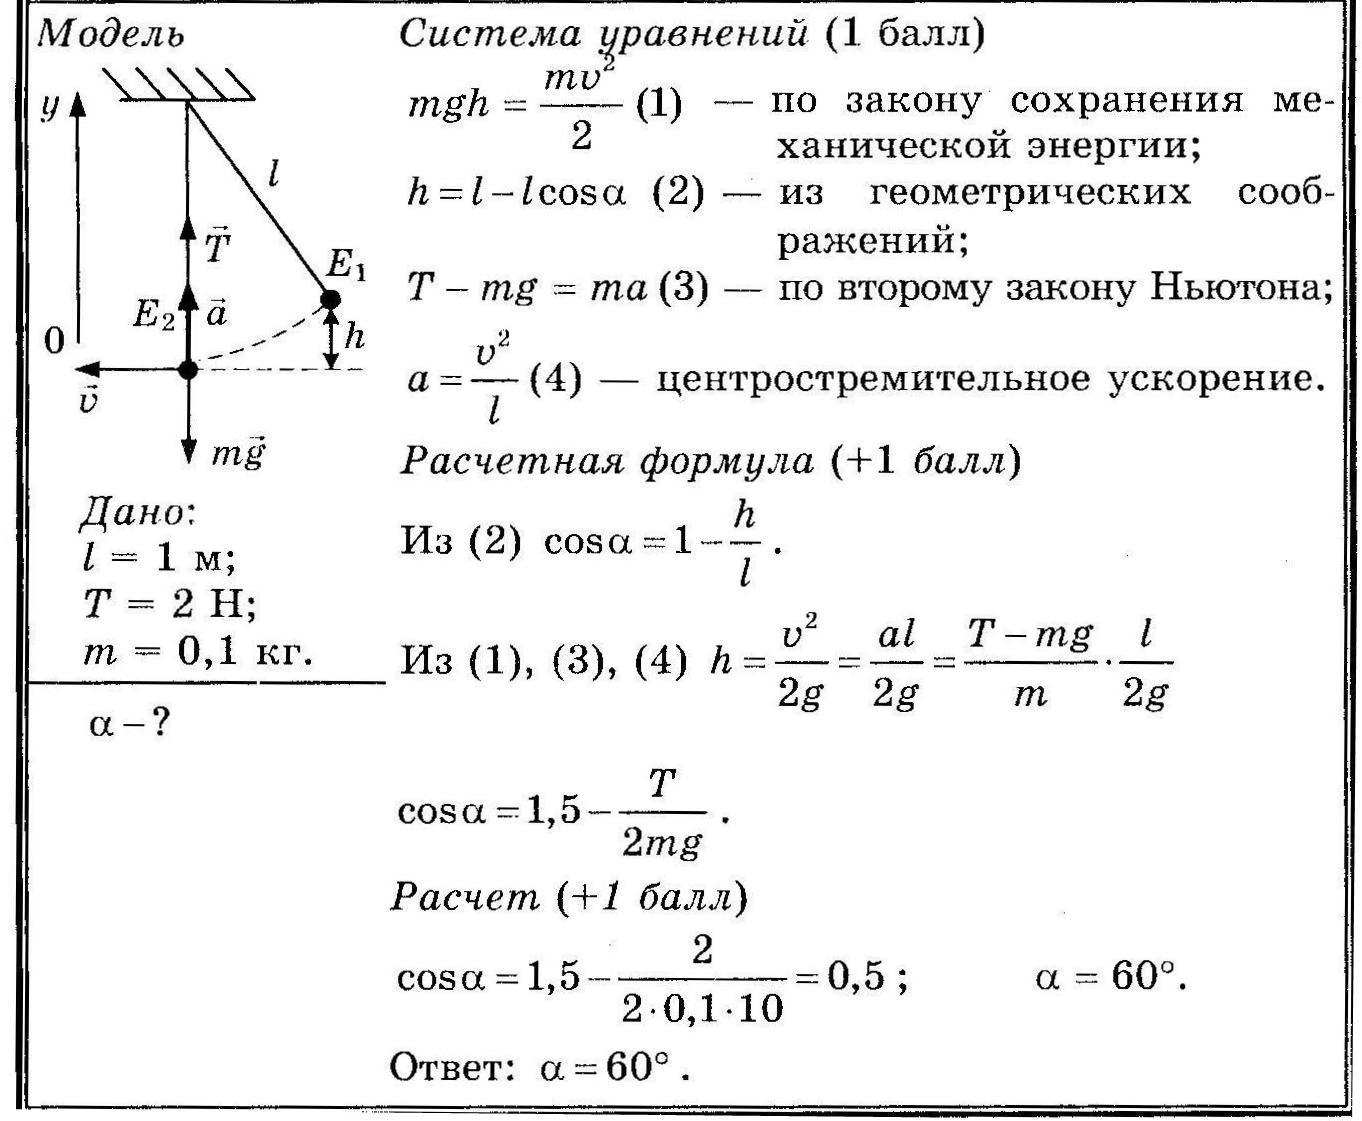 h бланк форма 26 2п 1